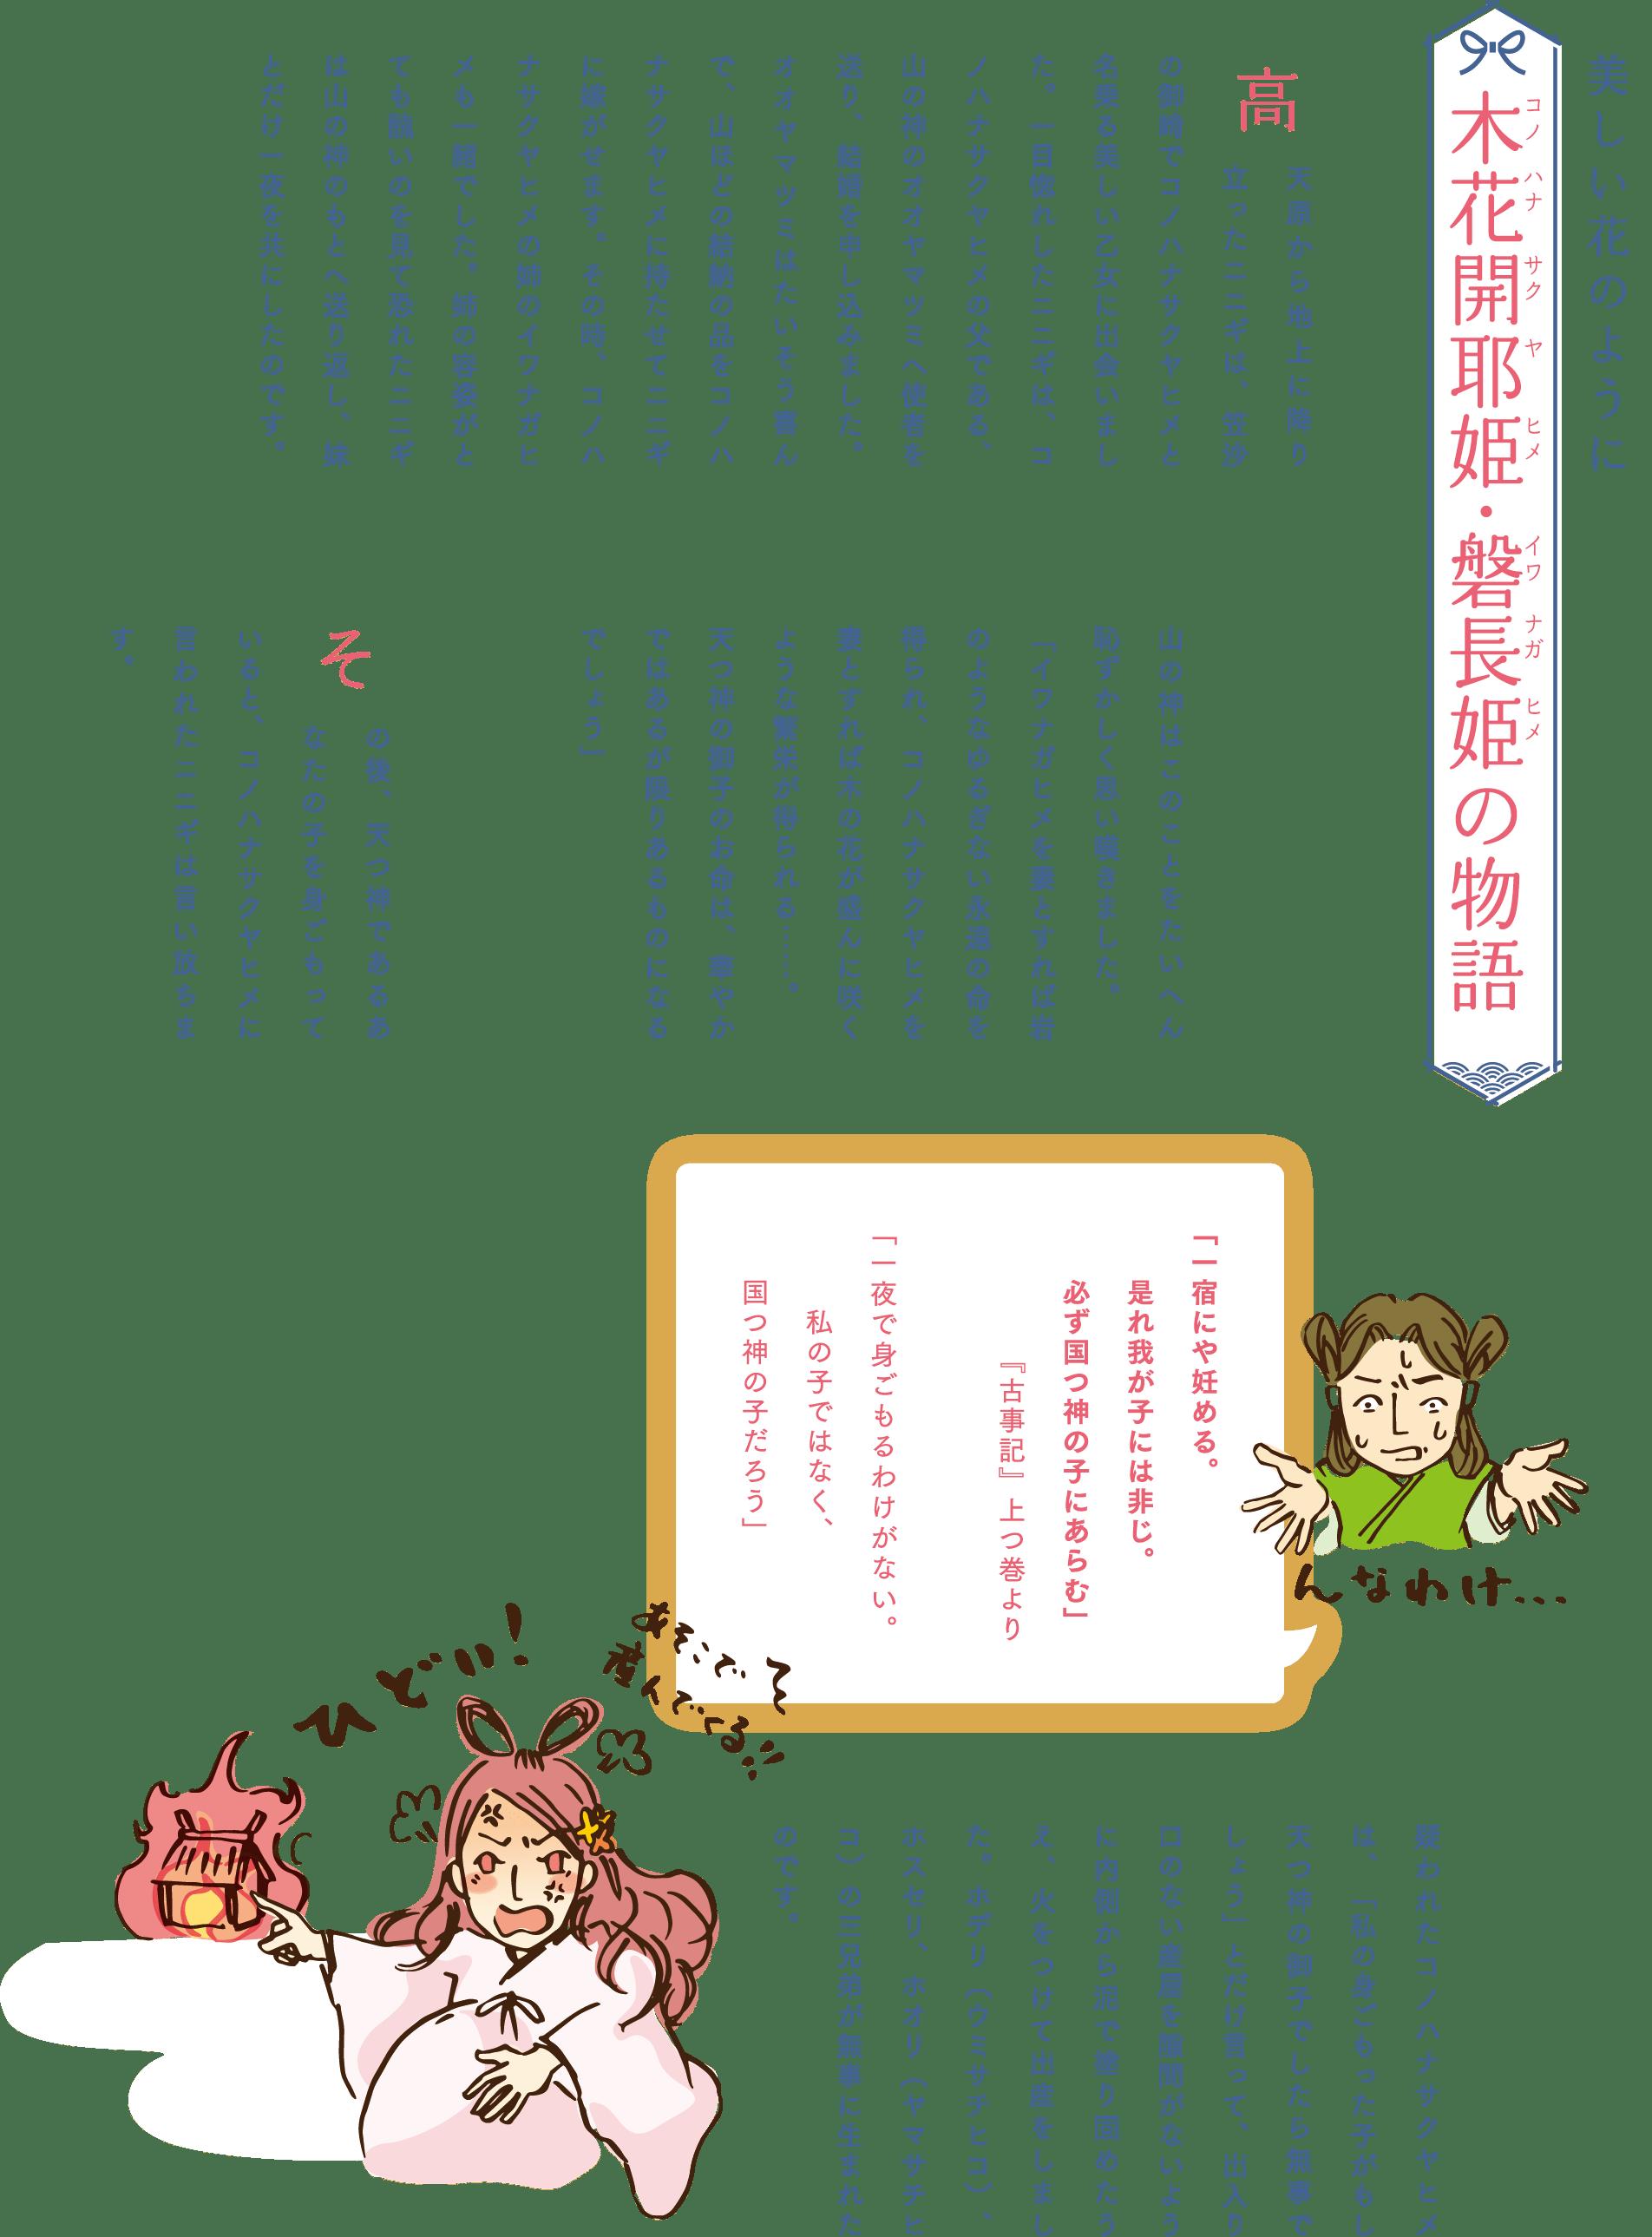 美しい花のように 木花開耶姫・磐長姫の物語 高天原から地上に降り立ったニニギは、笠沙の御崎でコノハナサクヤヒメと名乗る美しい乙女に出会いました。一目惚れしたニニギは、コノハナサクヤヒメの父である、山の神のオオヤマツミへ使者を送り、結婚を申し込みました。オオヤマツミはたいそう喜んで、山ほどの結納の品をコノハナサクヤヒメに持たせてニニギに嫁がせます。その時、コノハナサクヤヒメの姉のイワナガヒメも一緒でした。姉の容姿がとても醜いのを見て恐れたニニギは山の神のもとへ送り返し、妹とだけ一夜を共にしたのです。山の神はこのことをたいへん恥ずかしく思い嘆きました。「イワナガヒメを妻とすれば岩のようなゆるぎない永遠の命を得られ、コノハナサクヤヒメを妻とすれば木の花が盛んに咲くような繁栄が得られる……。天つ神の御子のお命は、華やかではあるが限りあるものになるでしょう」その後、天つ神であるあなたの子を身ごもっていると、コノハナサクヤヒメに言われたニニギは言い放ちます。「一宿にや妊める。是れ我が子には非じ。必ず国つ神の子にあらむ」『古事記』上つ巻より「一夜で身ごもるわけがない。私の子ではなく、国つ神の子だろう」疑われたコノハナサクヤヒメは、「私の身ごもった子がもし天つ神の御子でしたら無事でしょう」とだけ言って、出入り口のない産屋を隙間がないように内側から泥で塗り固めたうえ、火をつけて出産をしました。ホデリ(ウミサチヒコ)、ホスセリ、ホオリ(ヤマサチヒコ)の三兄弟が無事に生まれたのです。